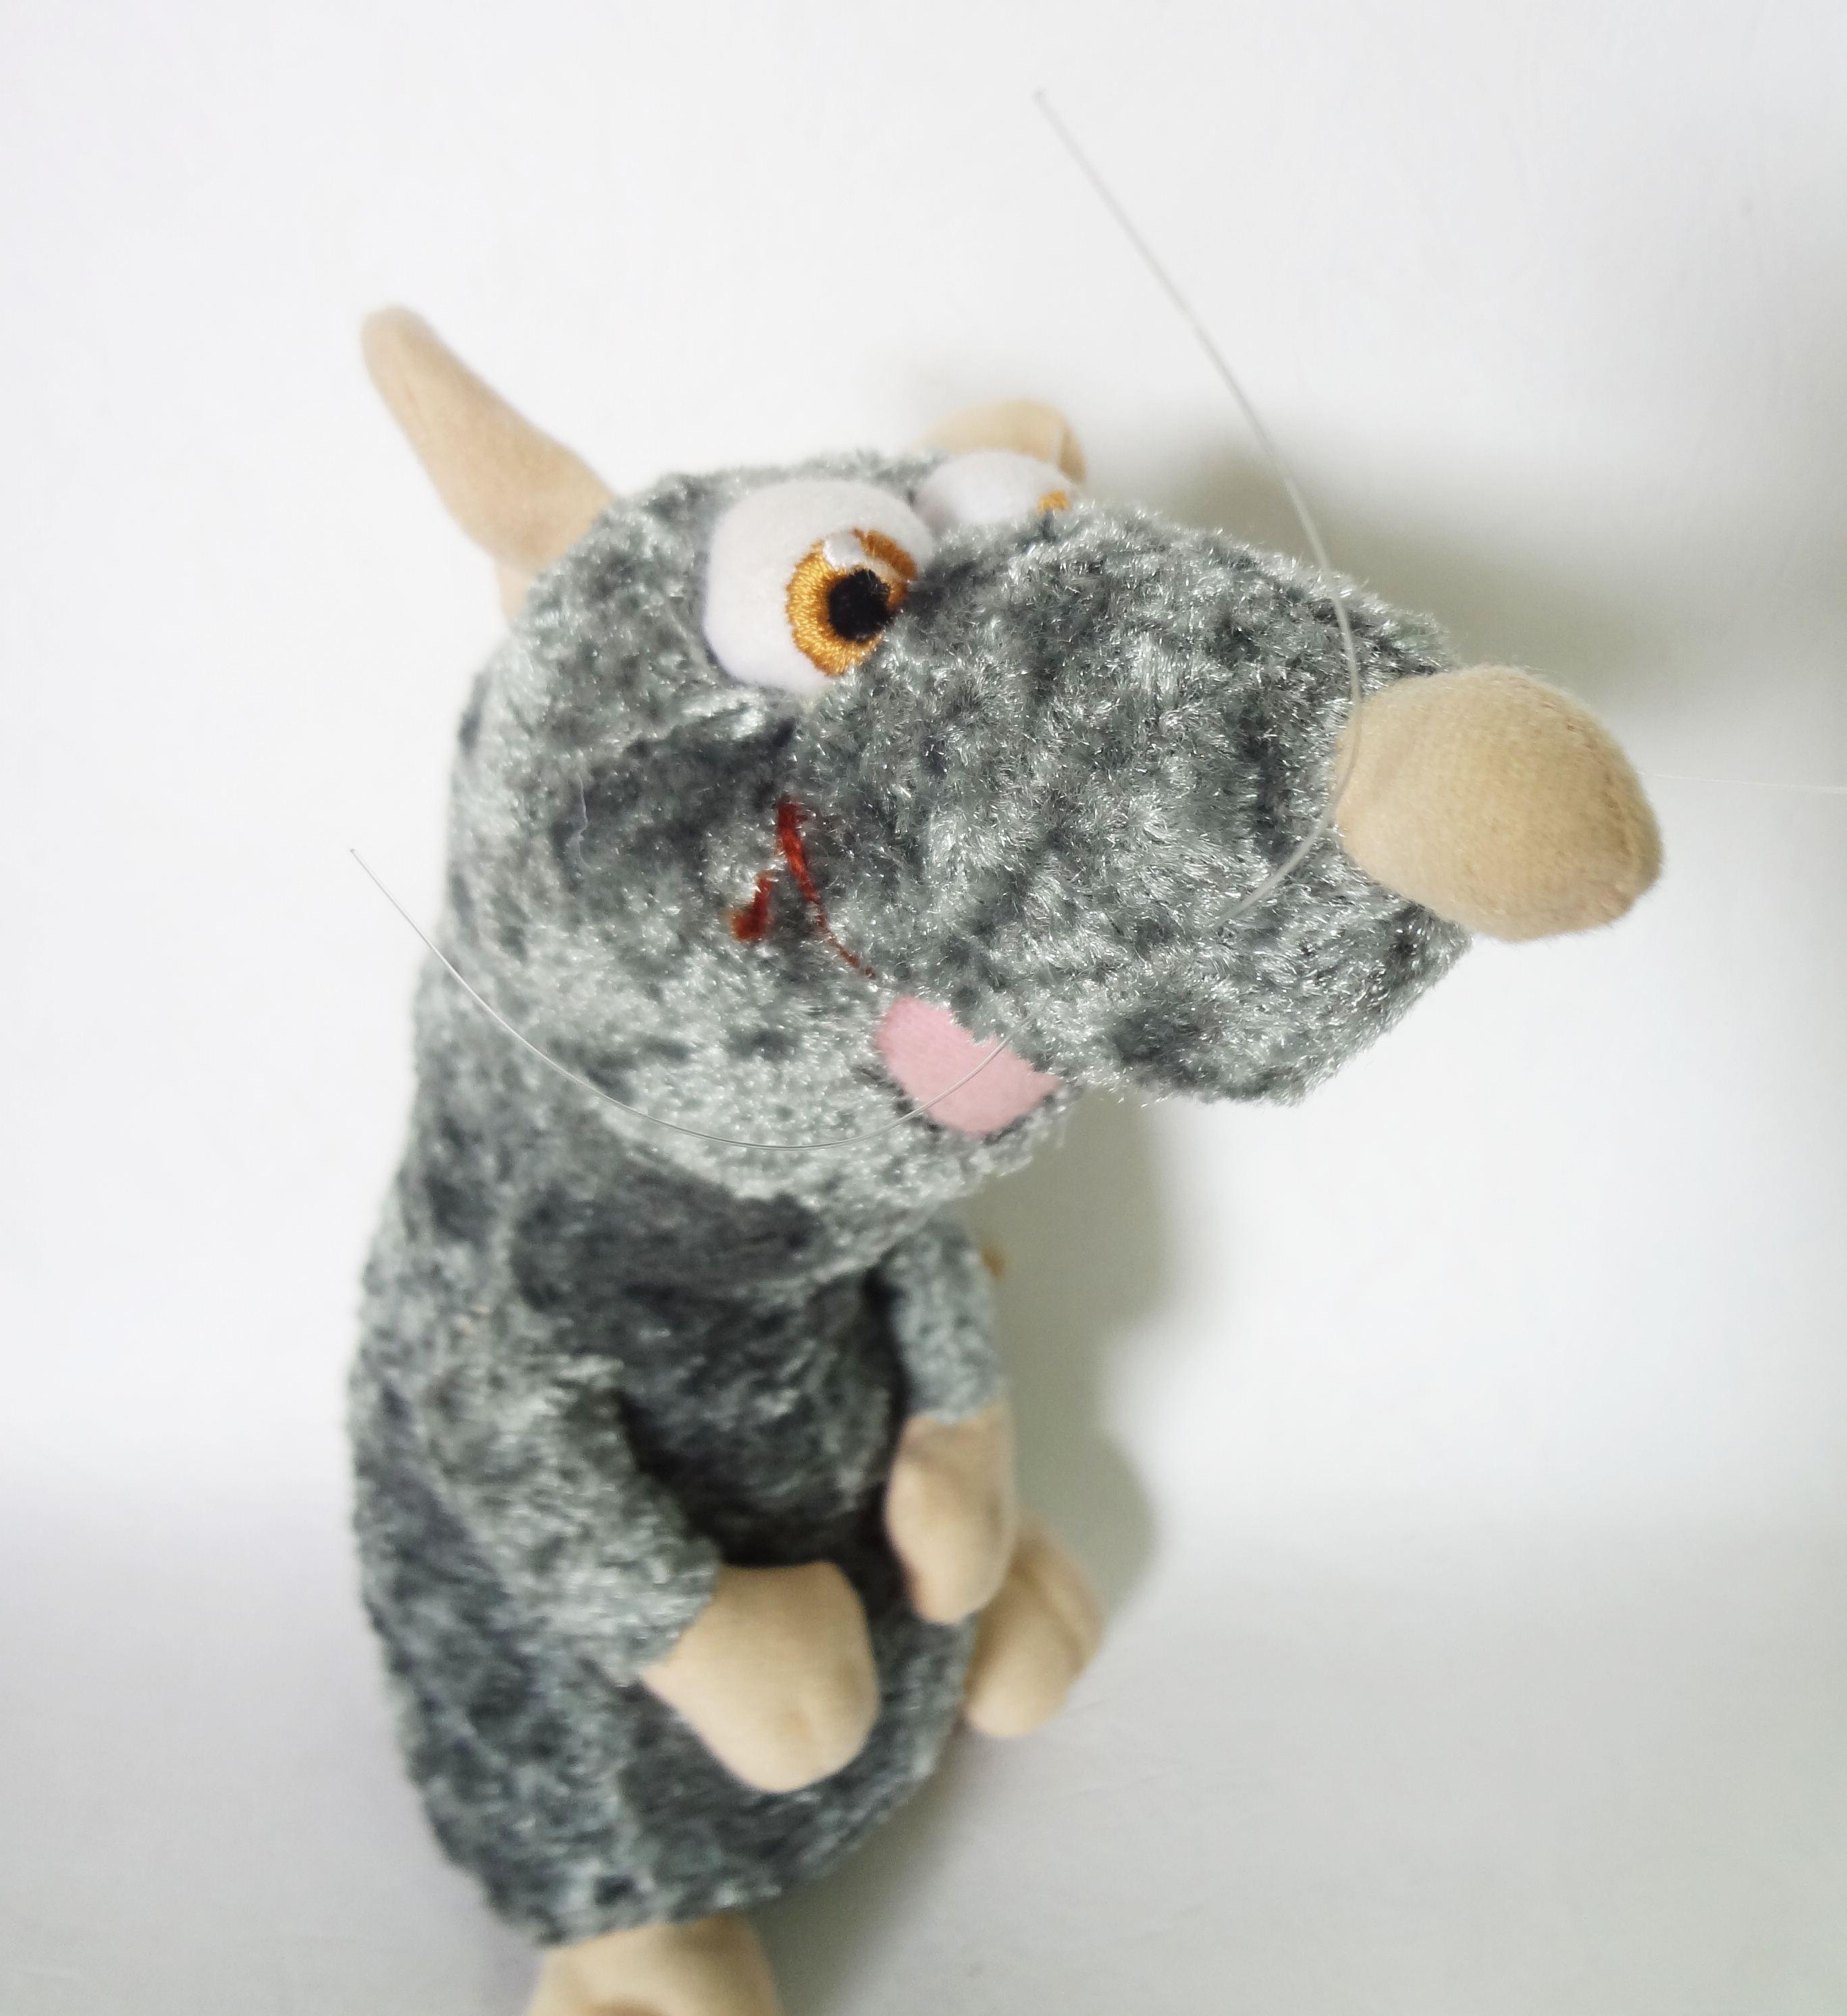 ตุ๊กตาจากเรื่อง Ratatouille